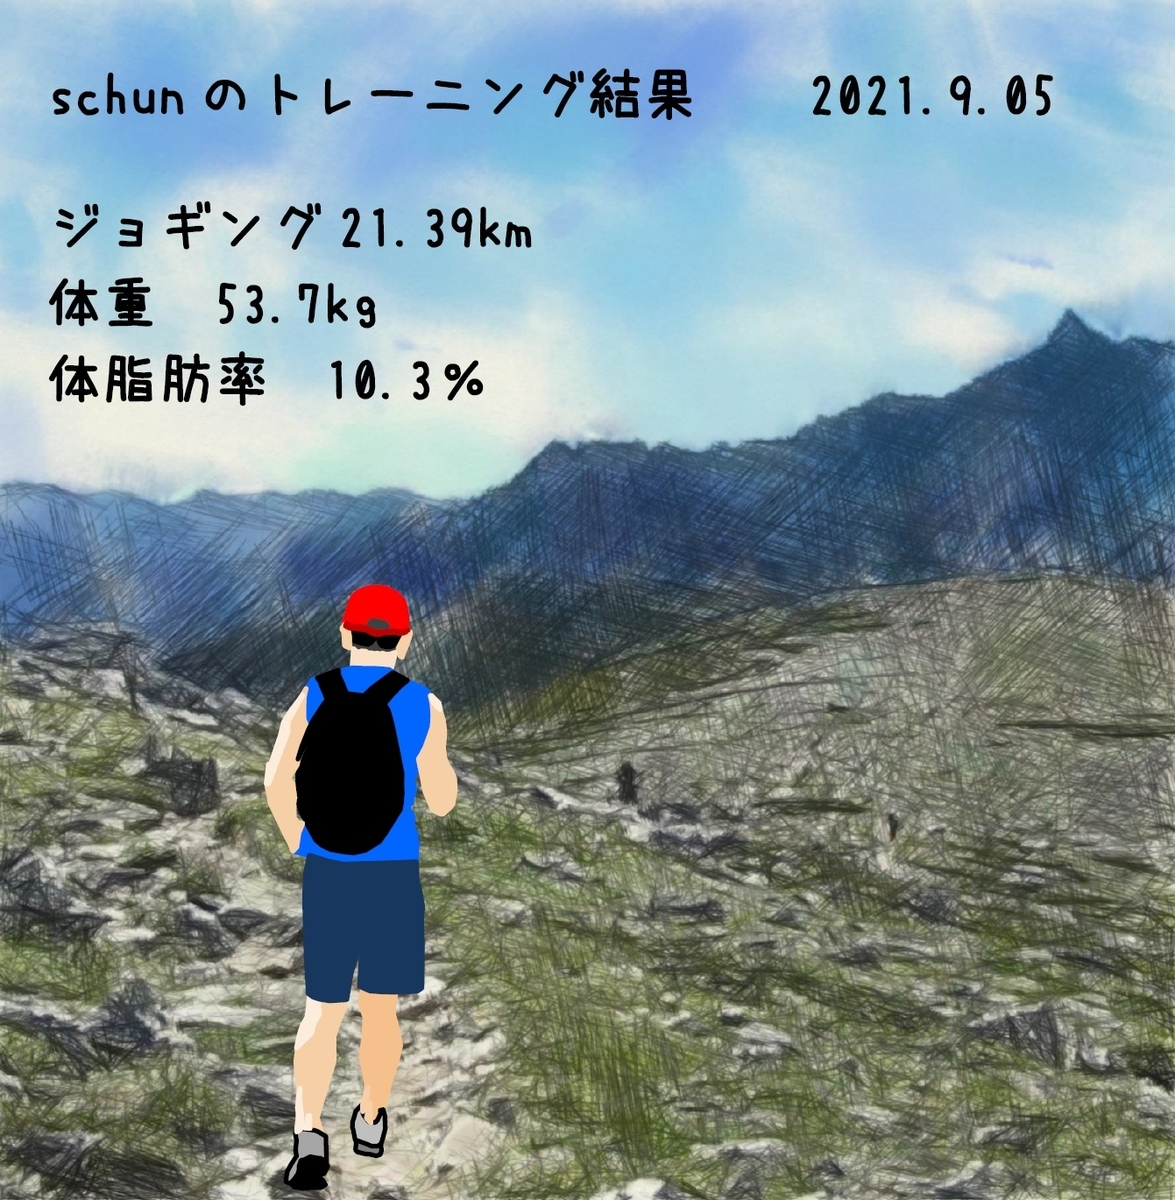 f:id:schunchi2007:20210905154117j:plain